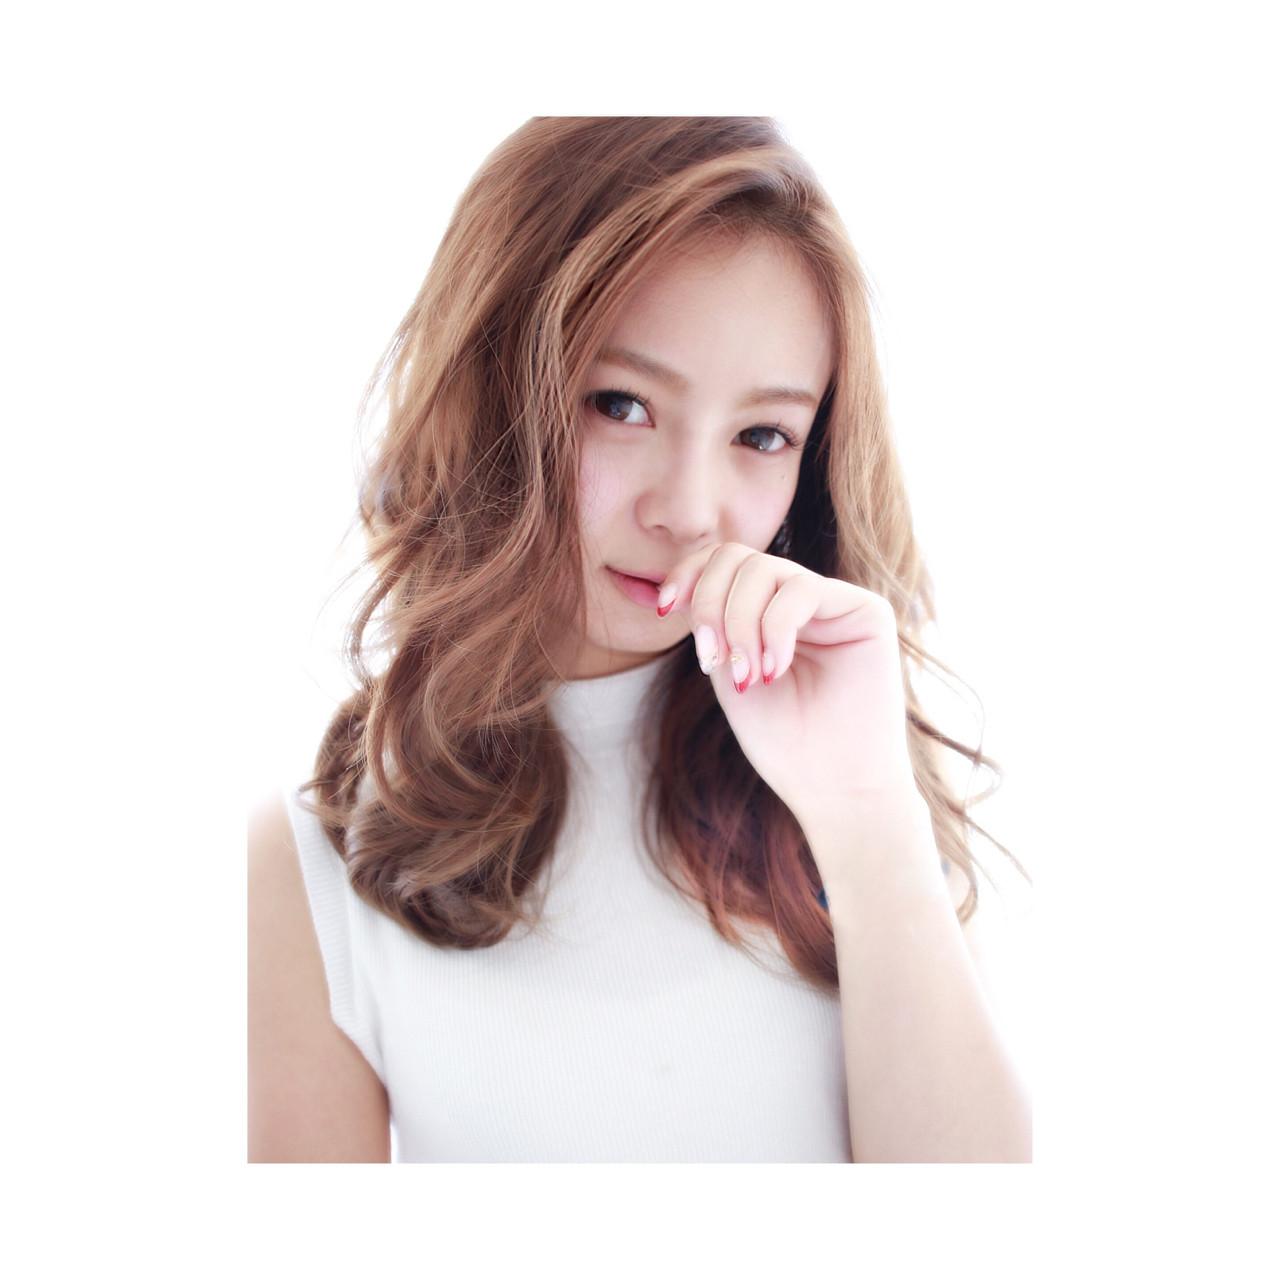 外国人風 ナチュラル アッシュ セミロング ヘアスタイルや髪型の写真・画像 | seikan / vifkrone hair&beauty